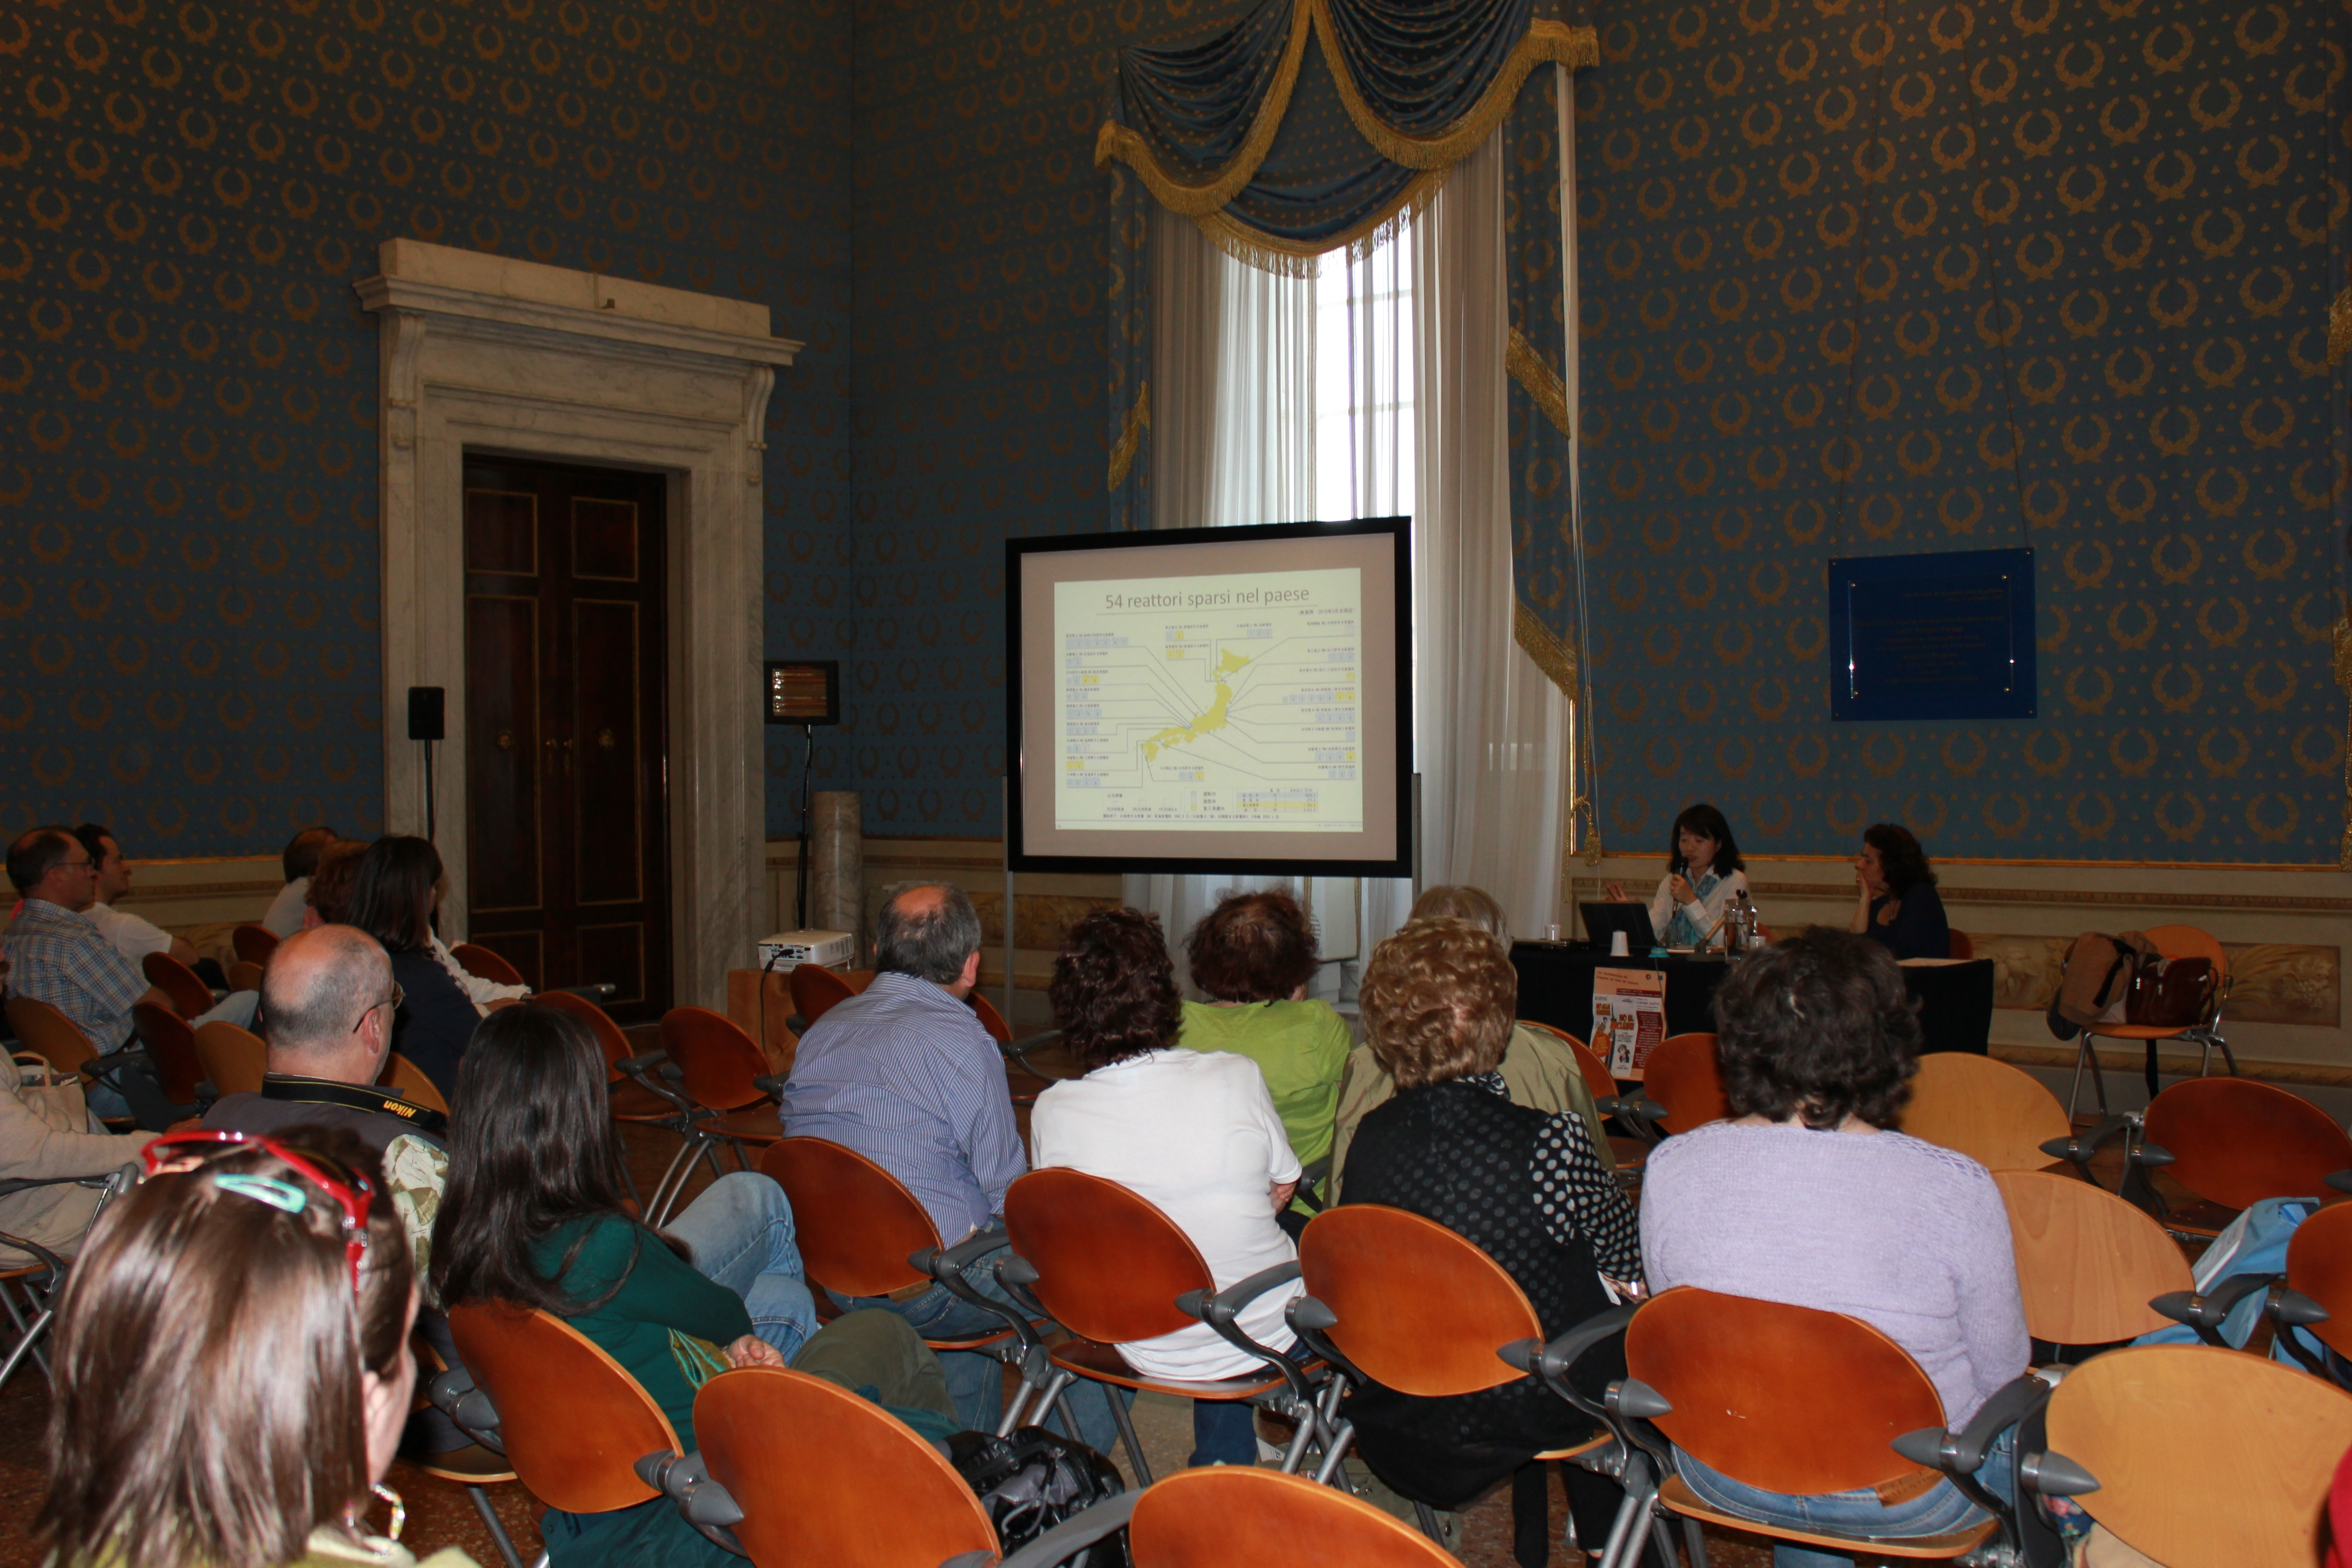 Conferenza organizzata dalla Provincia di Lucca / Scuola per la pace